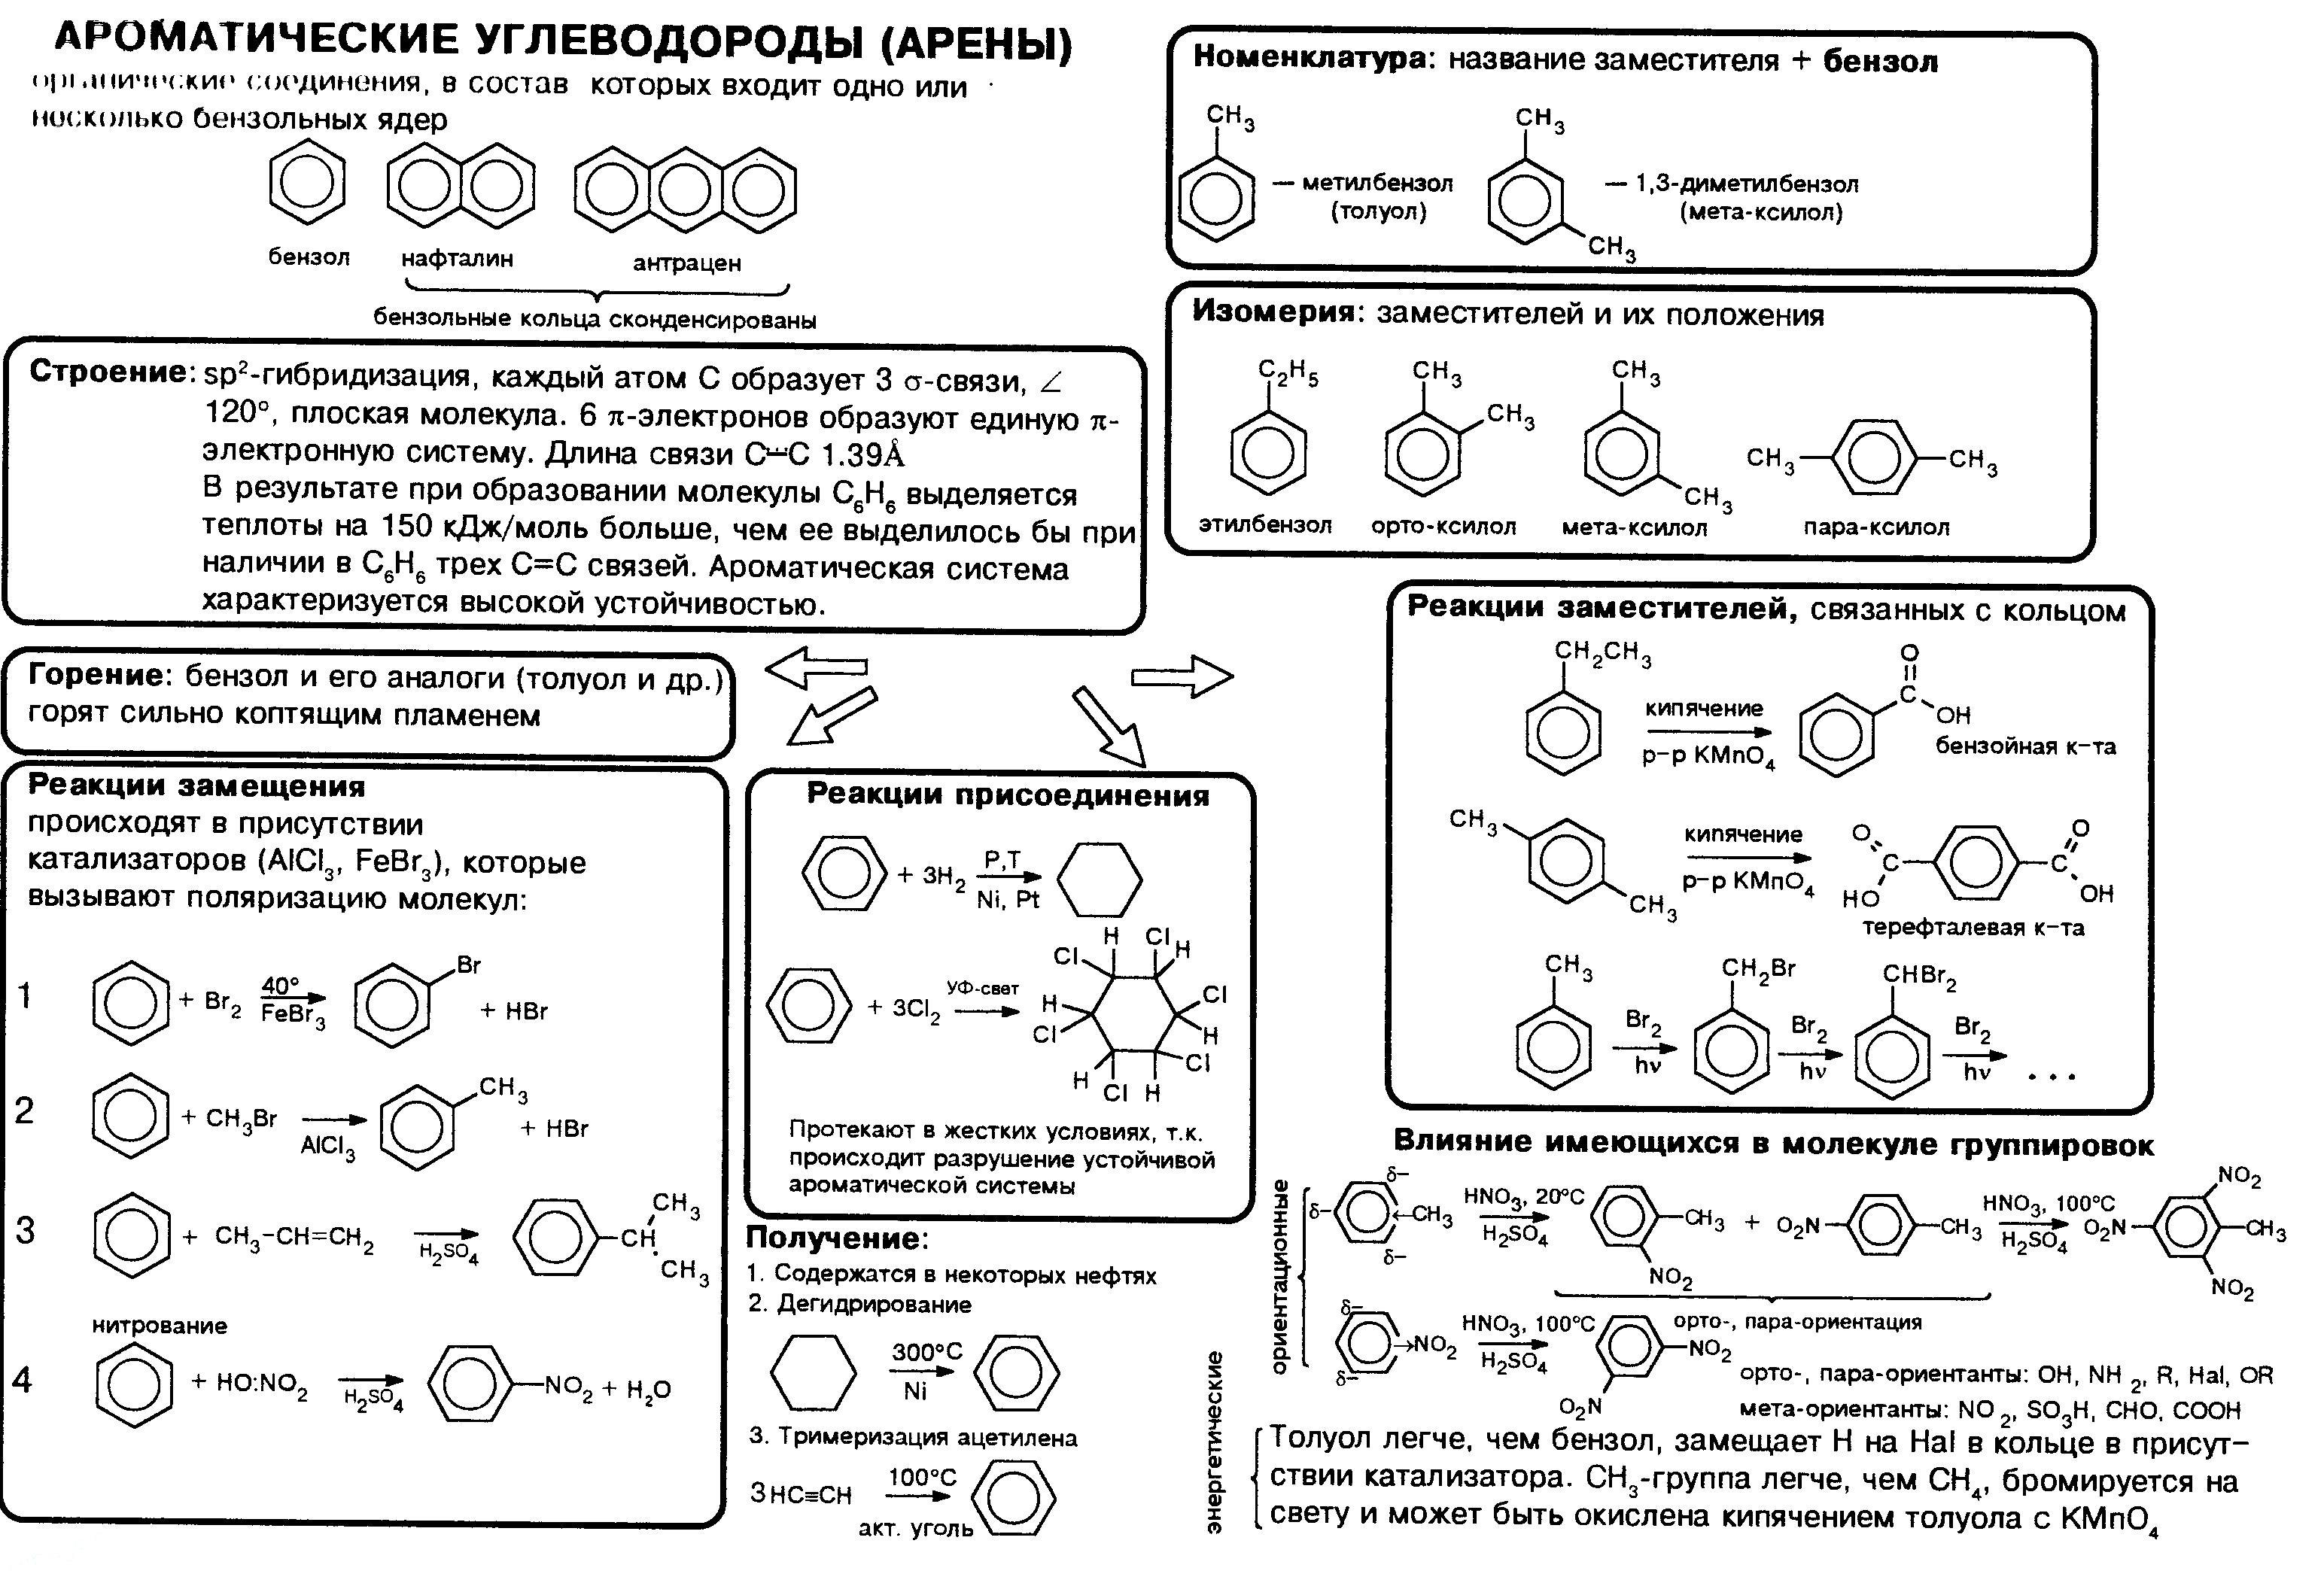 areny-aromaticheskie-uglevodorody-nomenklatura-svojstva